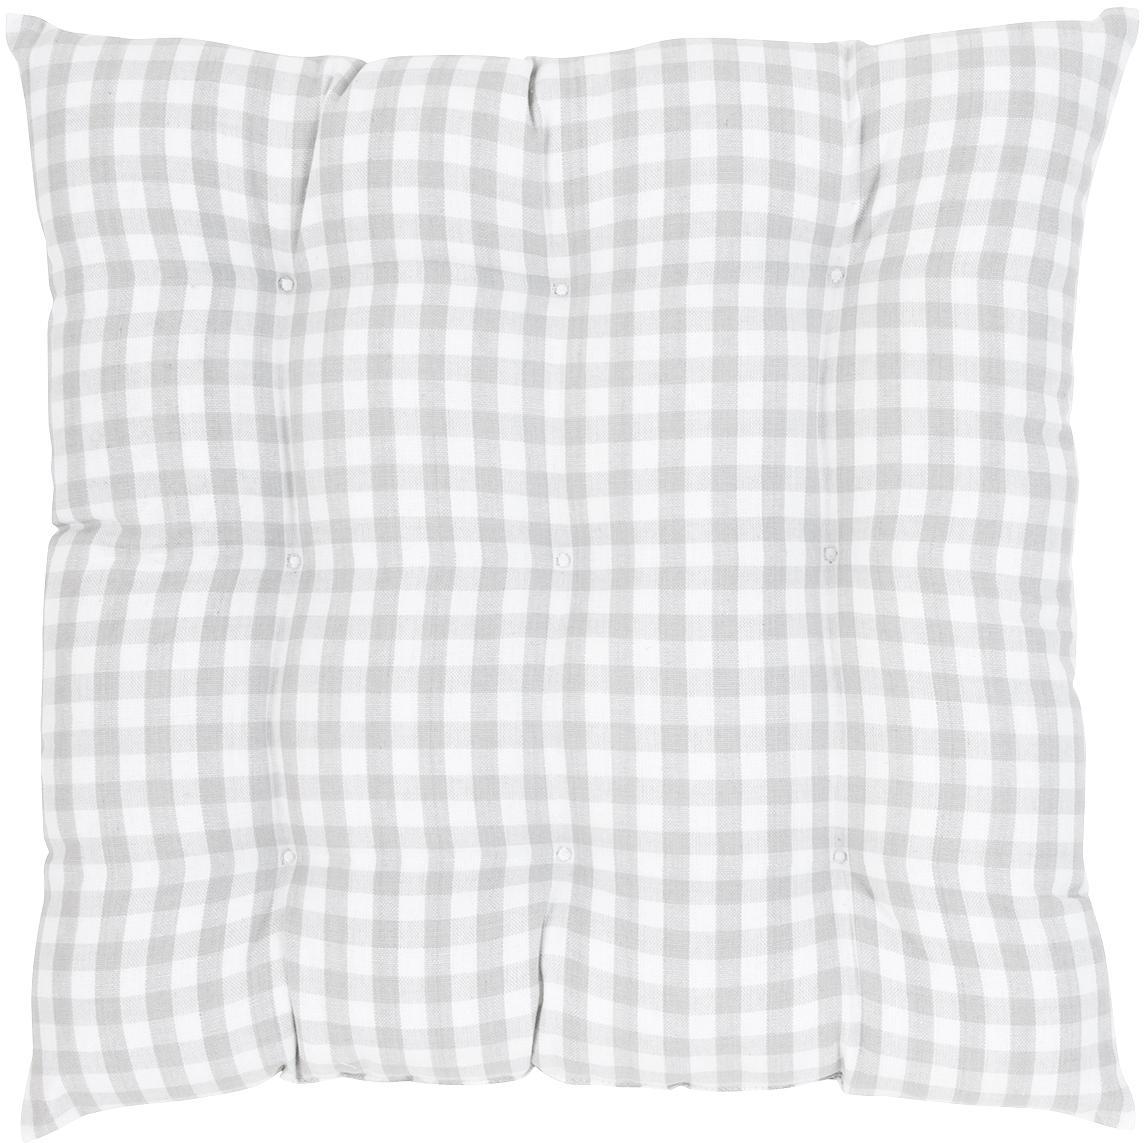 Cuscino sedia a quadretti Karolin, Grigio chiaro, bianco crema, Larg. 40 x Lung. 40 cm